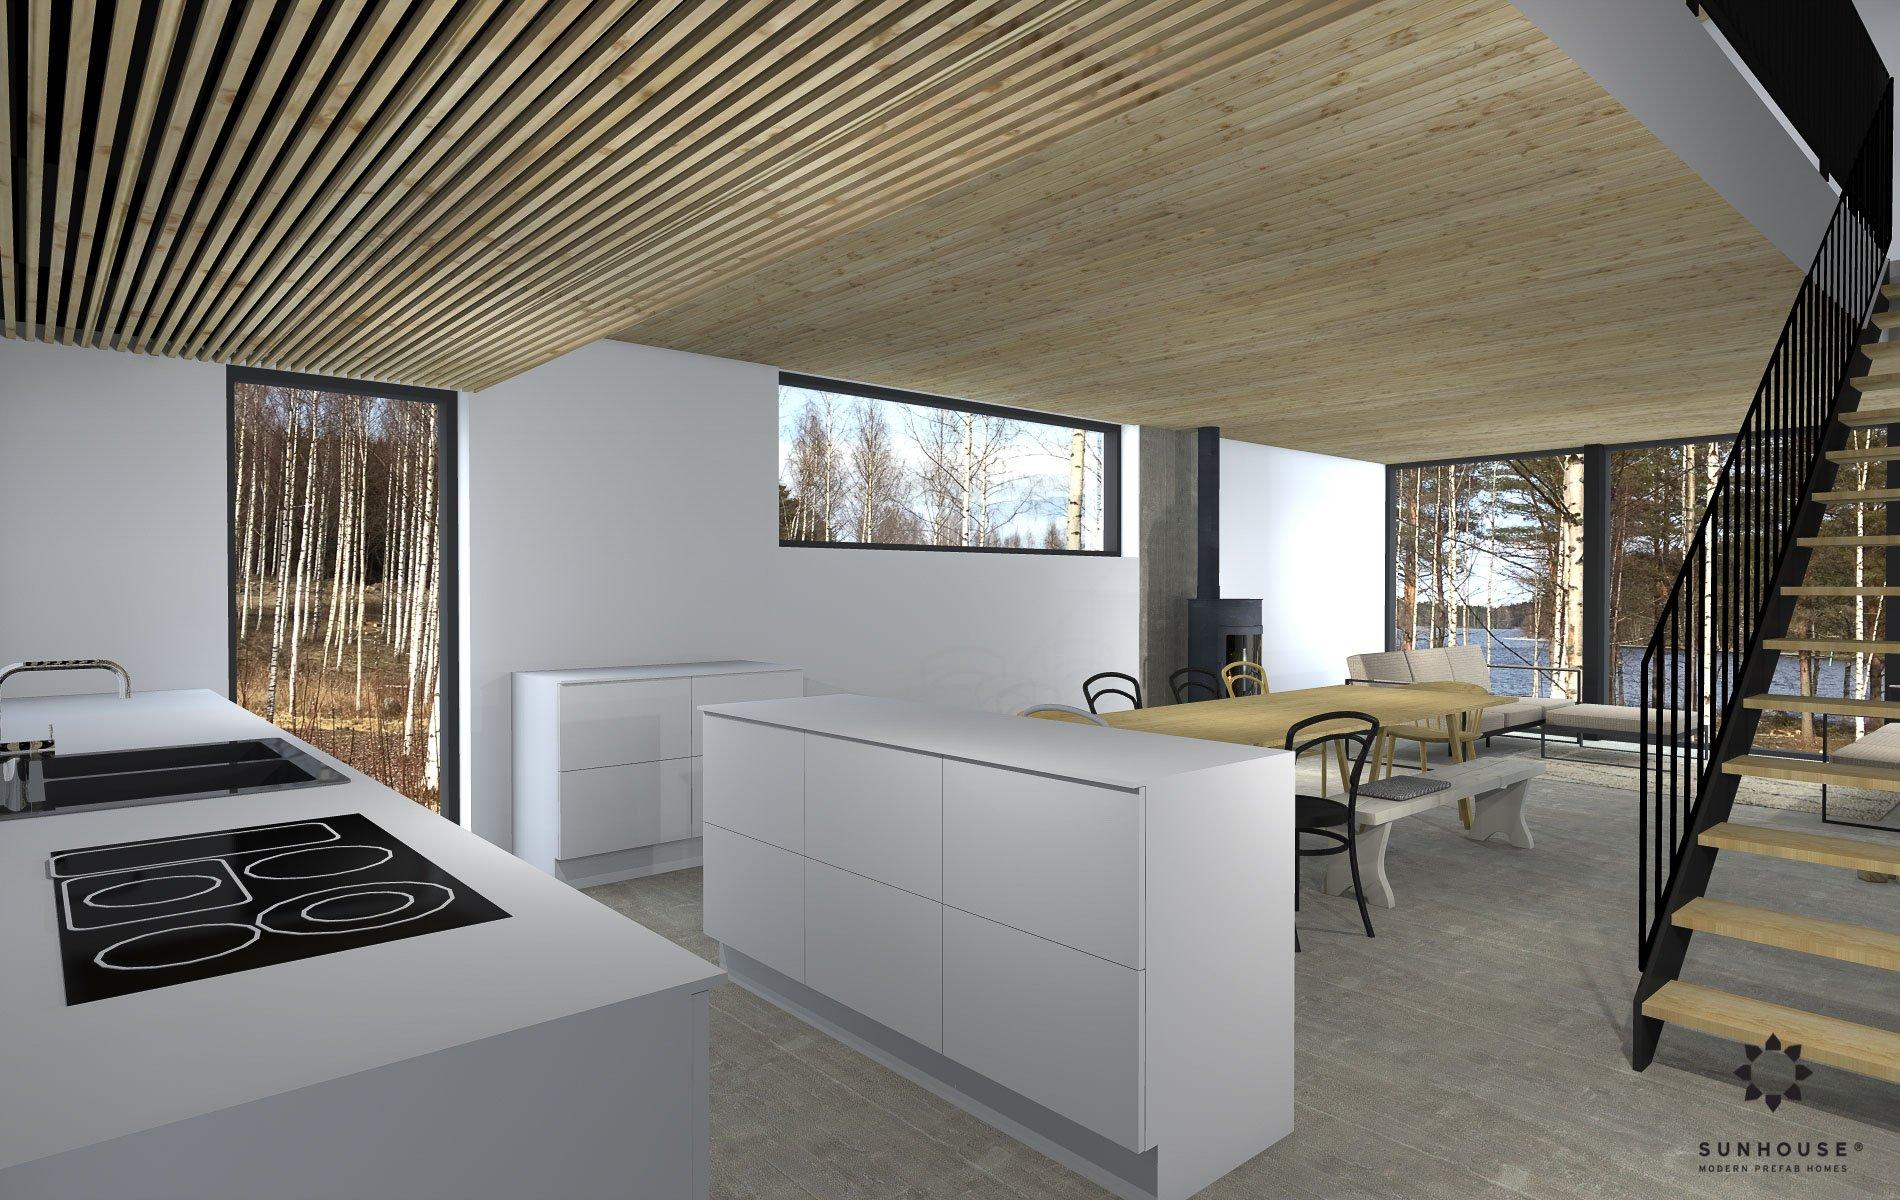 LVI-suunnittelu - Arkkitehdin suunnittelema koti